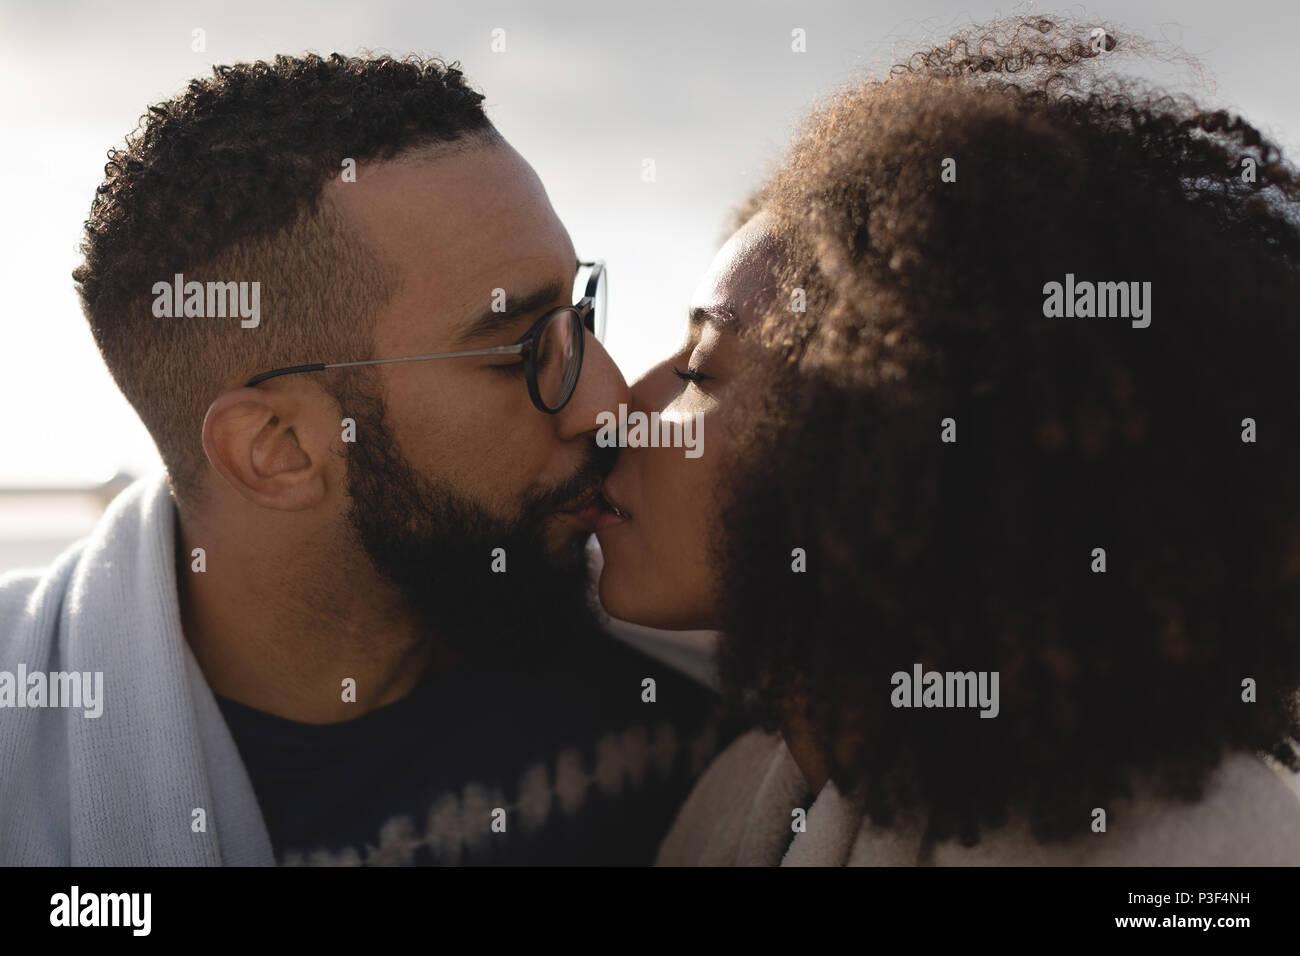 Coppia romantica baciare ogni altro Immagini Stock